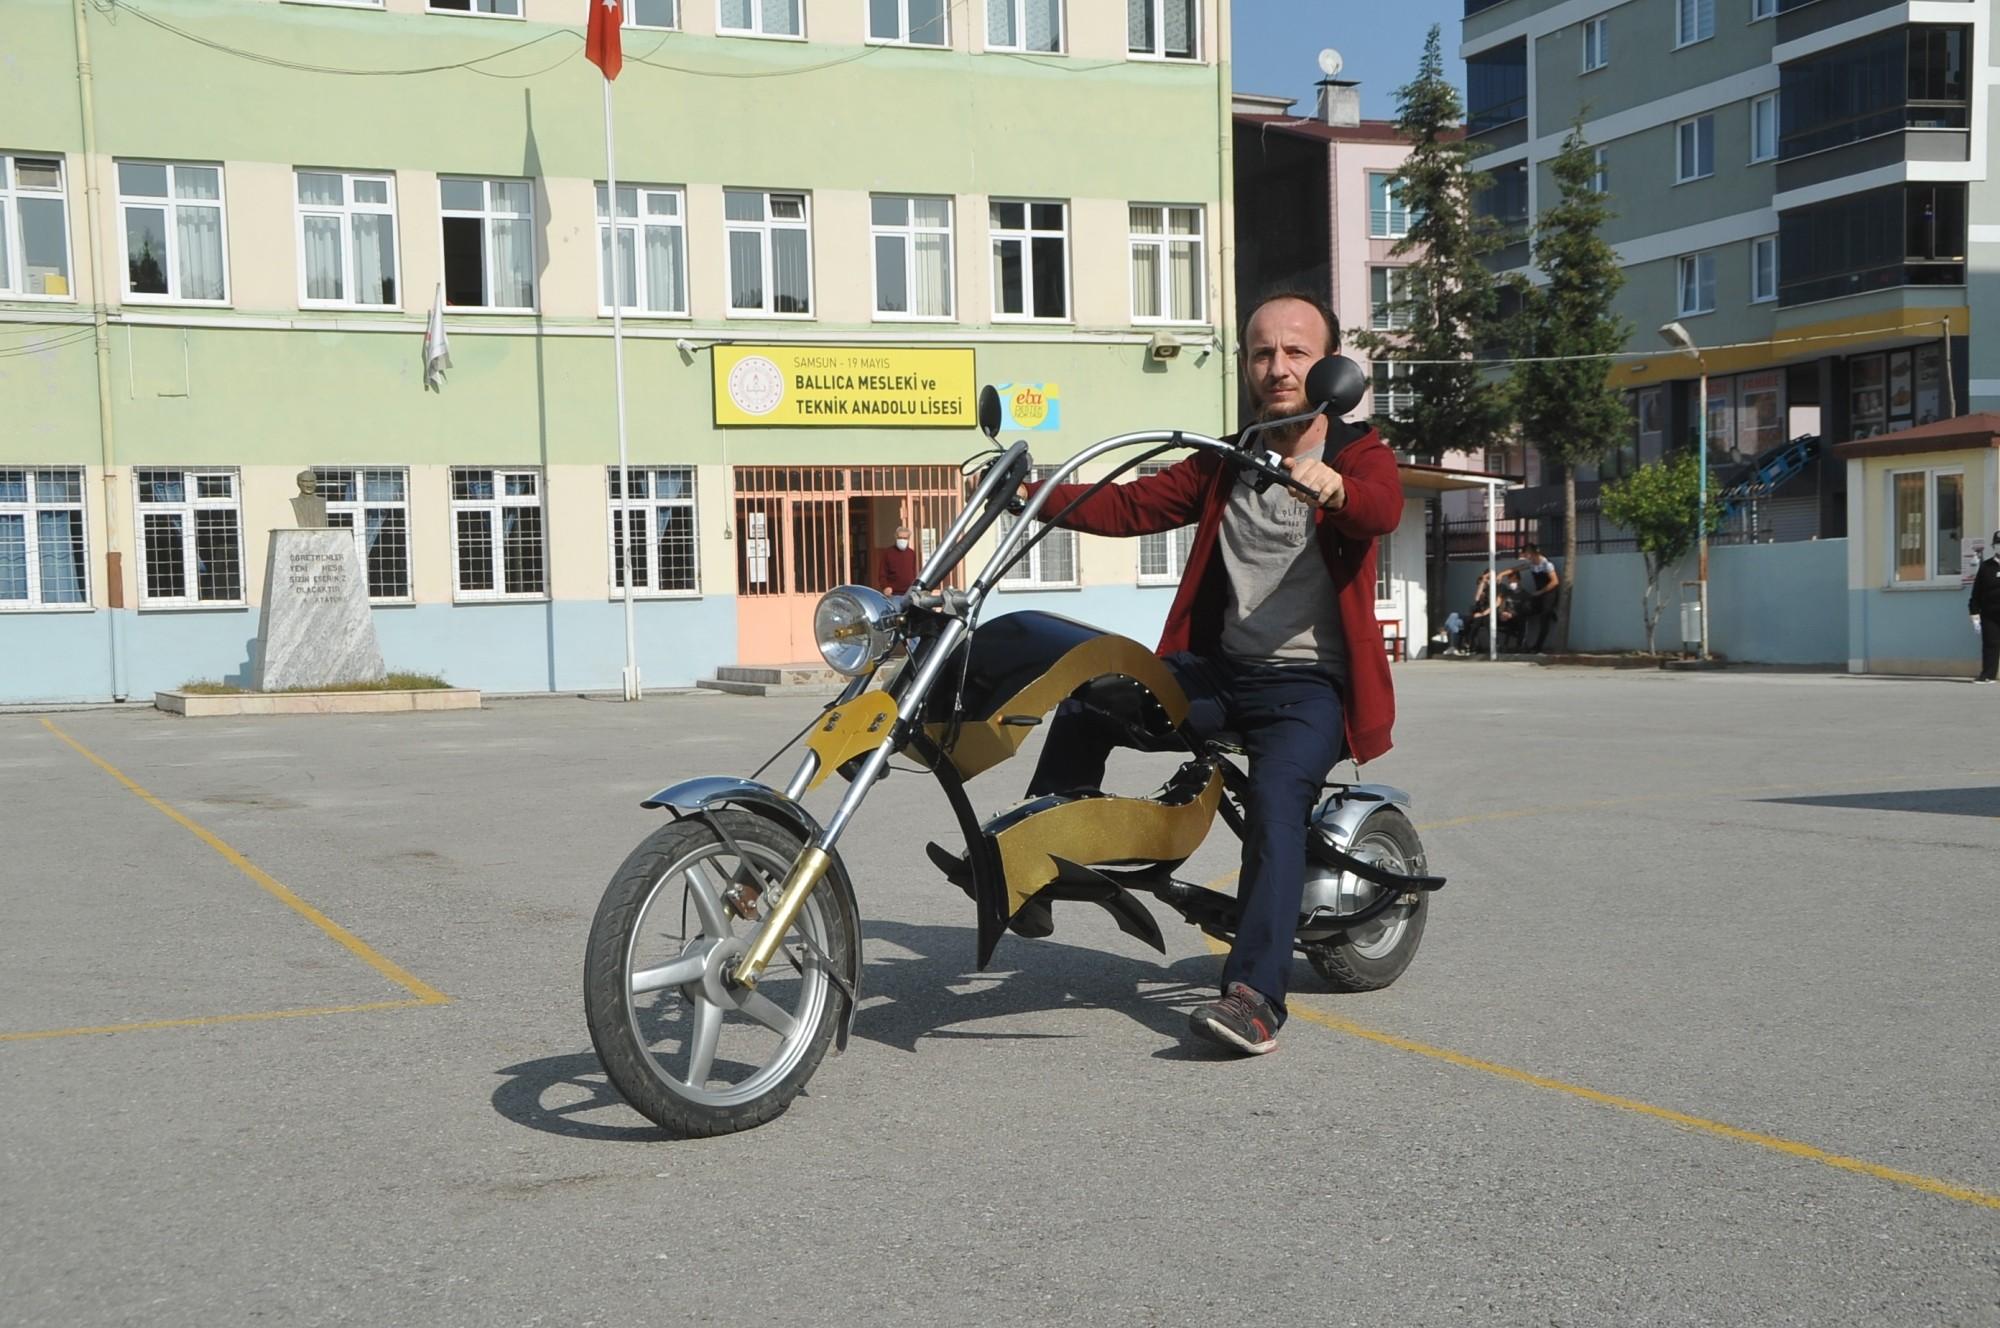 Elektrik bölümü öğretmeni, kendi tasarımı ile elektrikli motosiklet yaptı